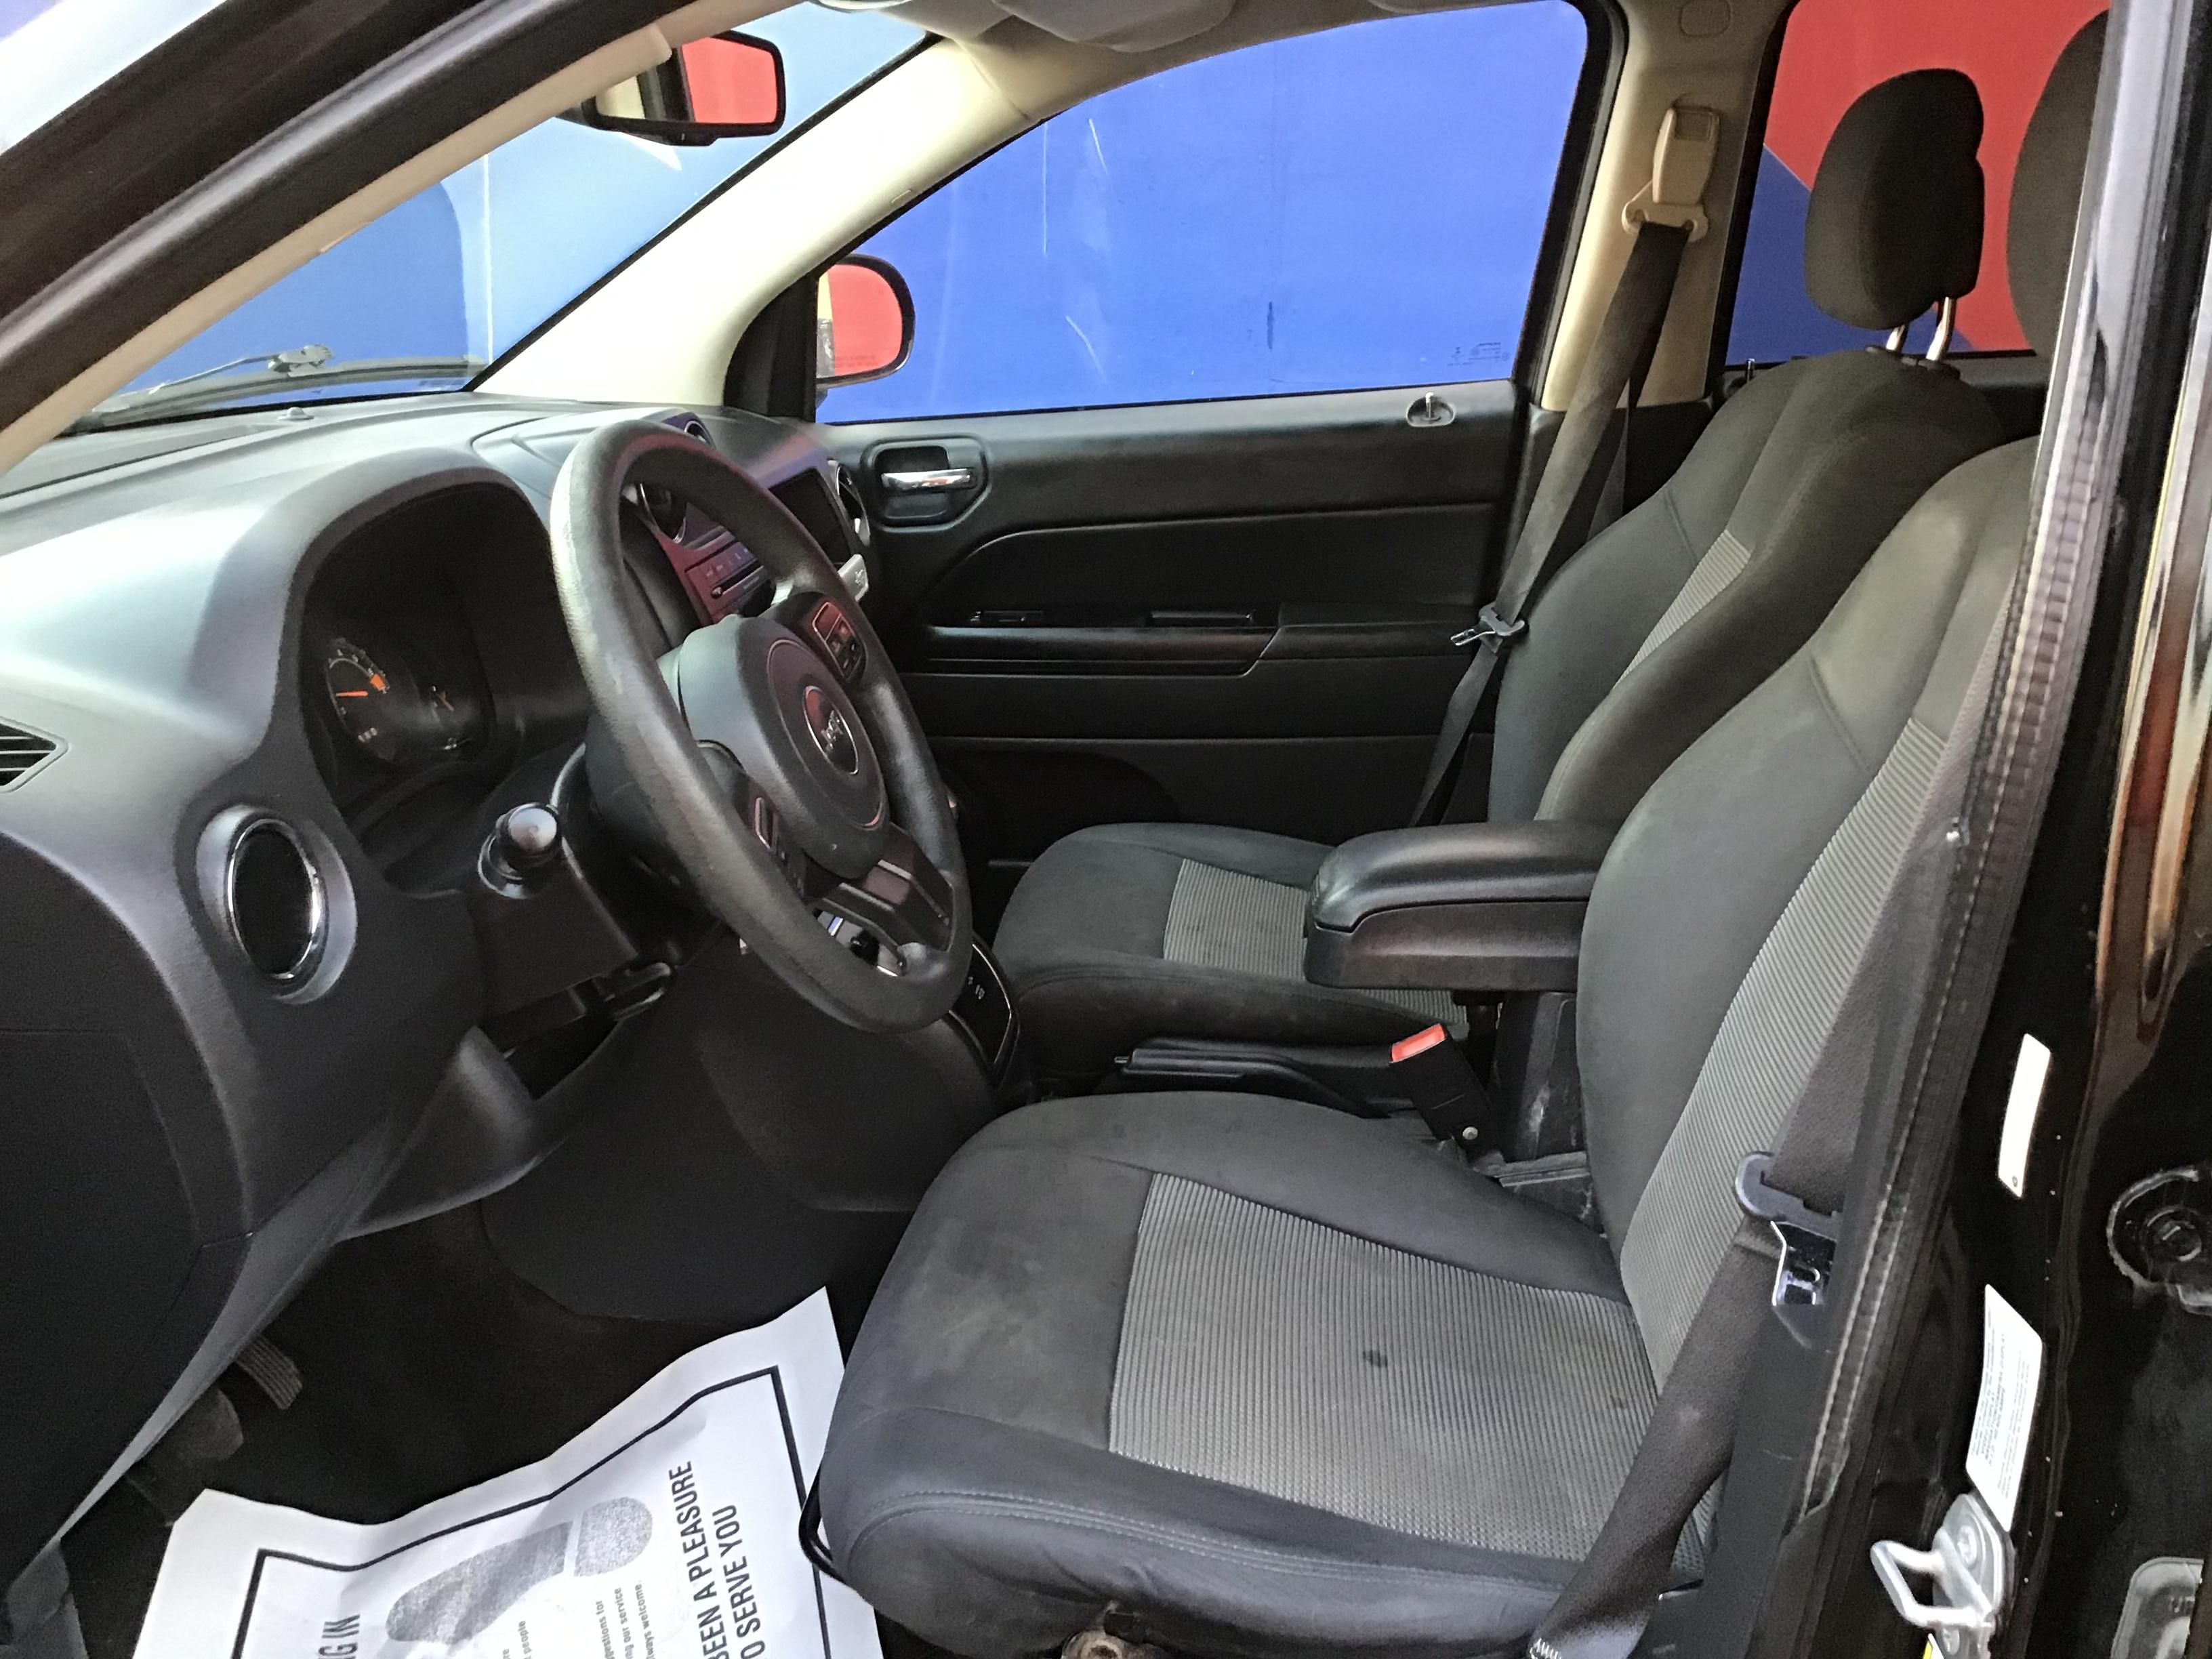 used vehicle - SUV JEEP CHEROKEE 2015